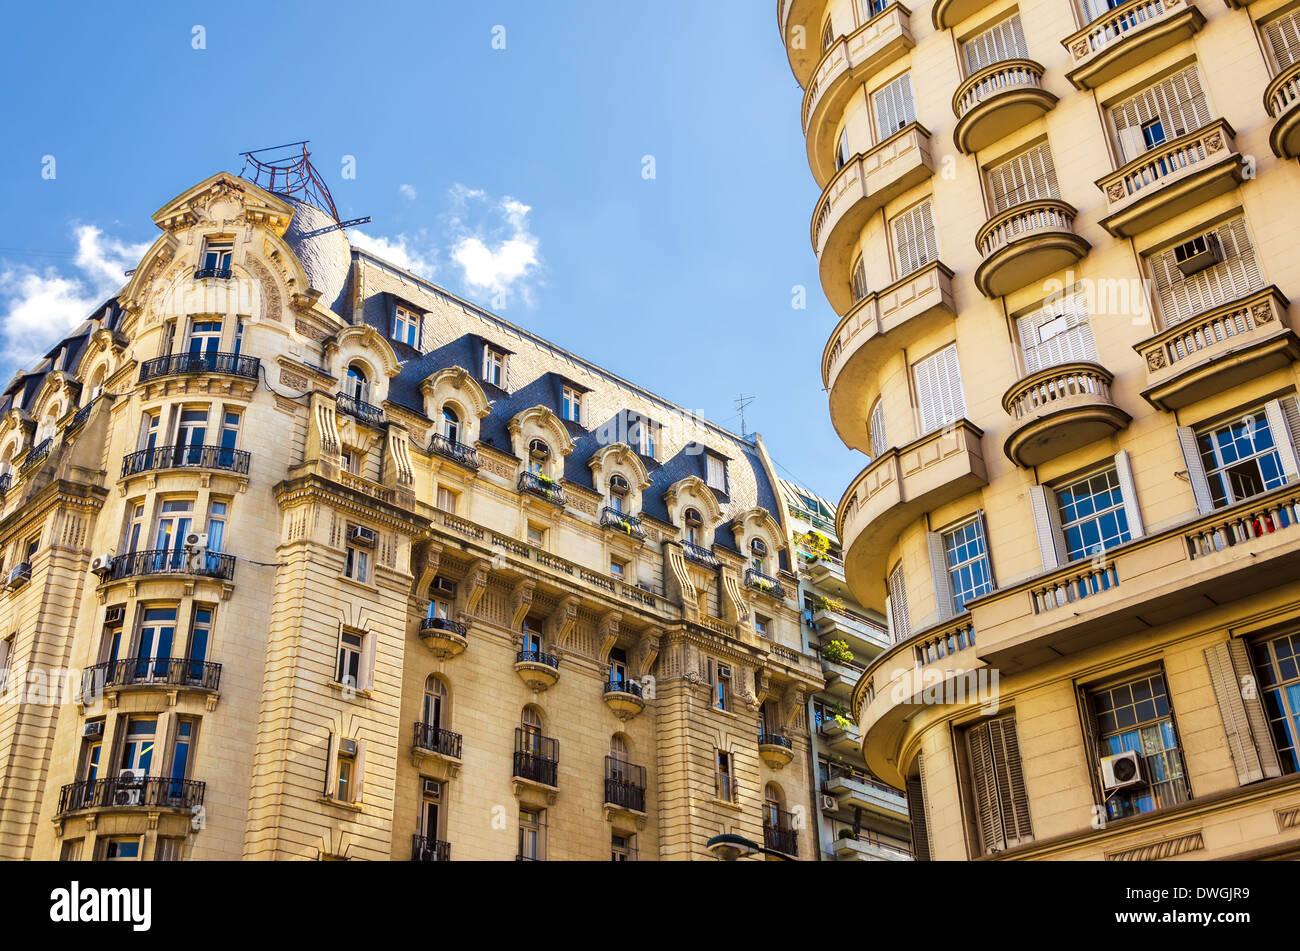 Schöne französische Stil-Architektur im Stadtteil Recoleta von Buenos Aires, Argentinien Stockfoto